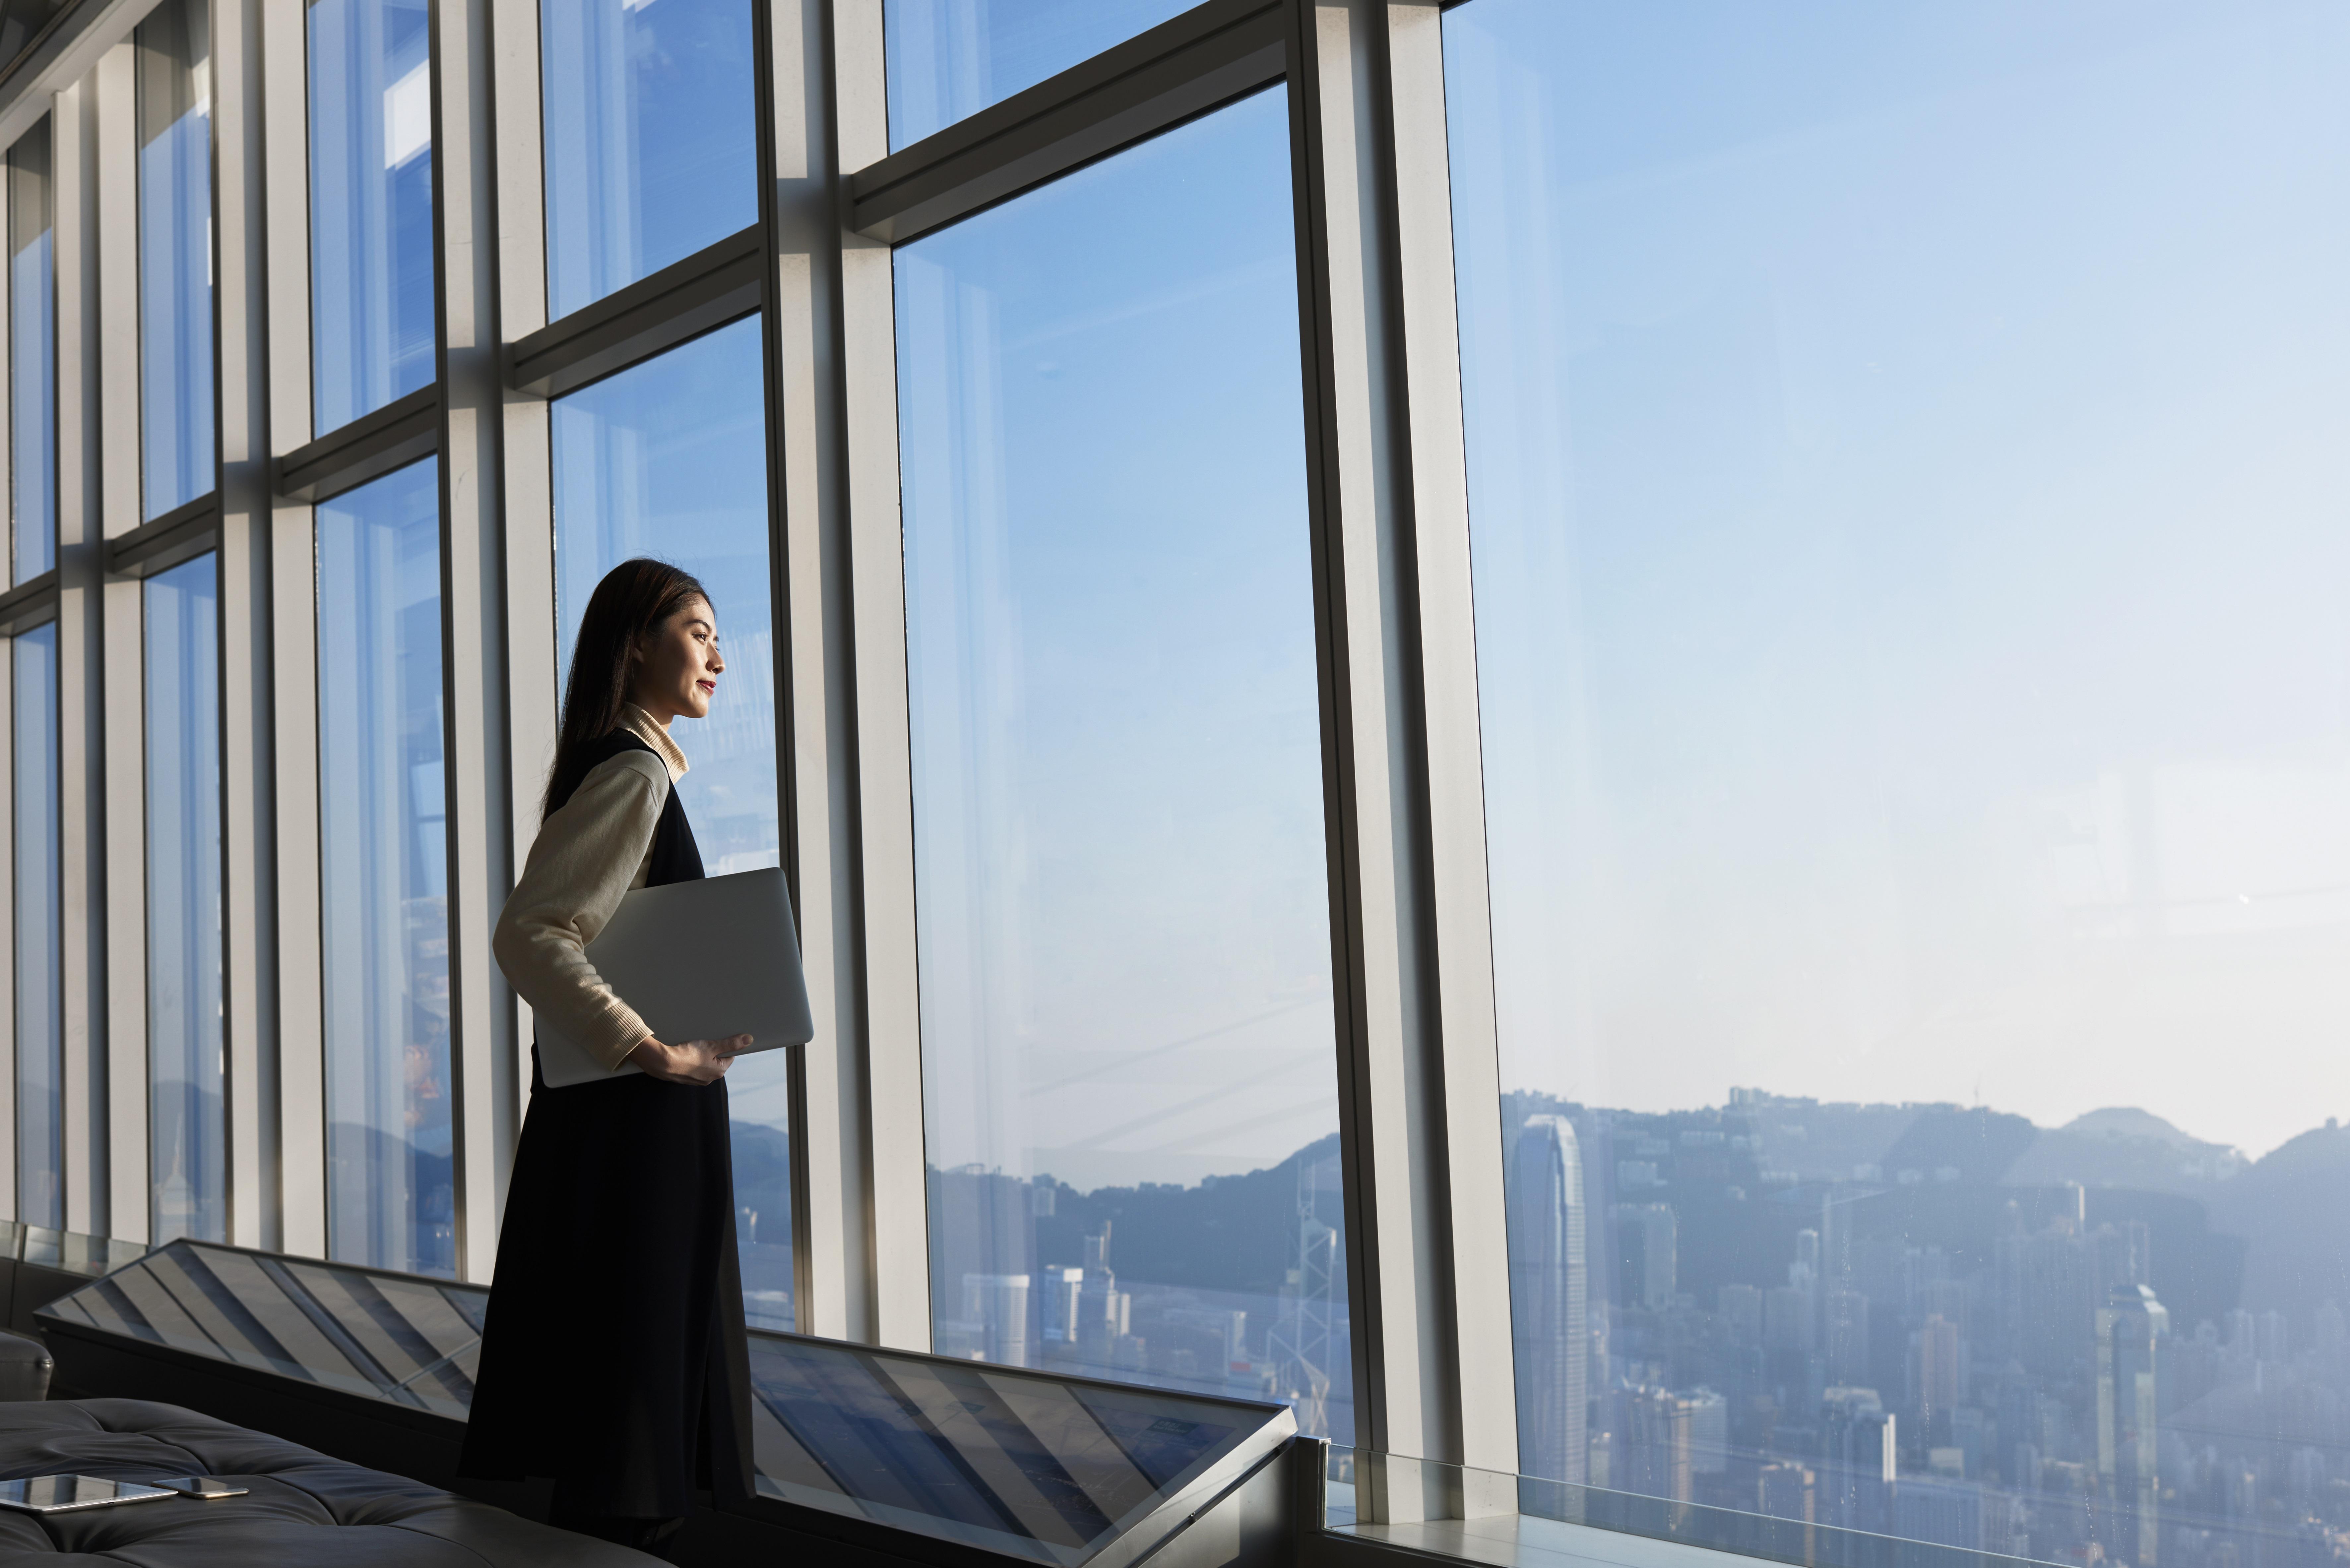 """中国のミレニアル世代女性は""""結婚減少""""、""""離婚増加""""の傾向に。儒教的なイデオロギーからの脱却"""